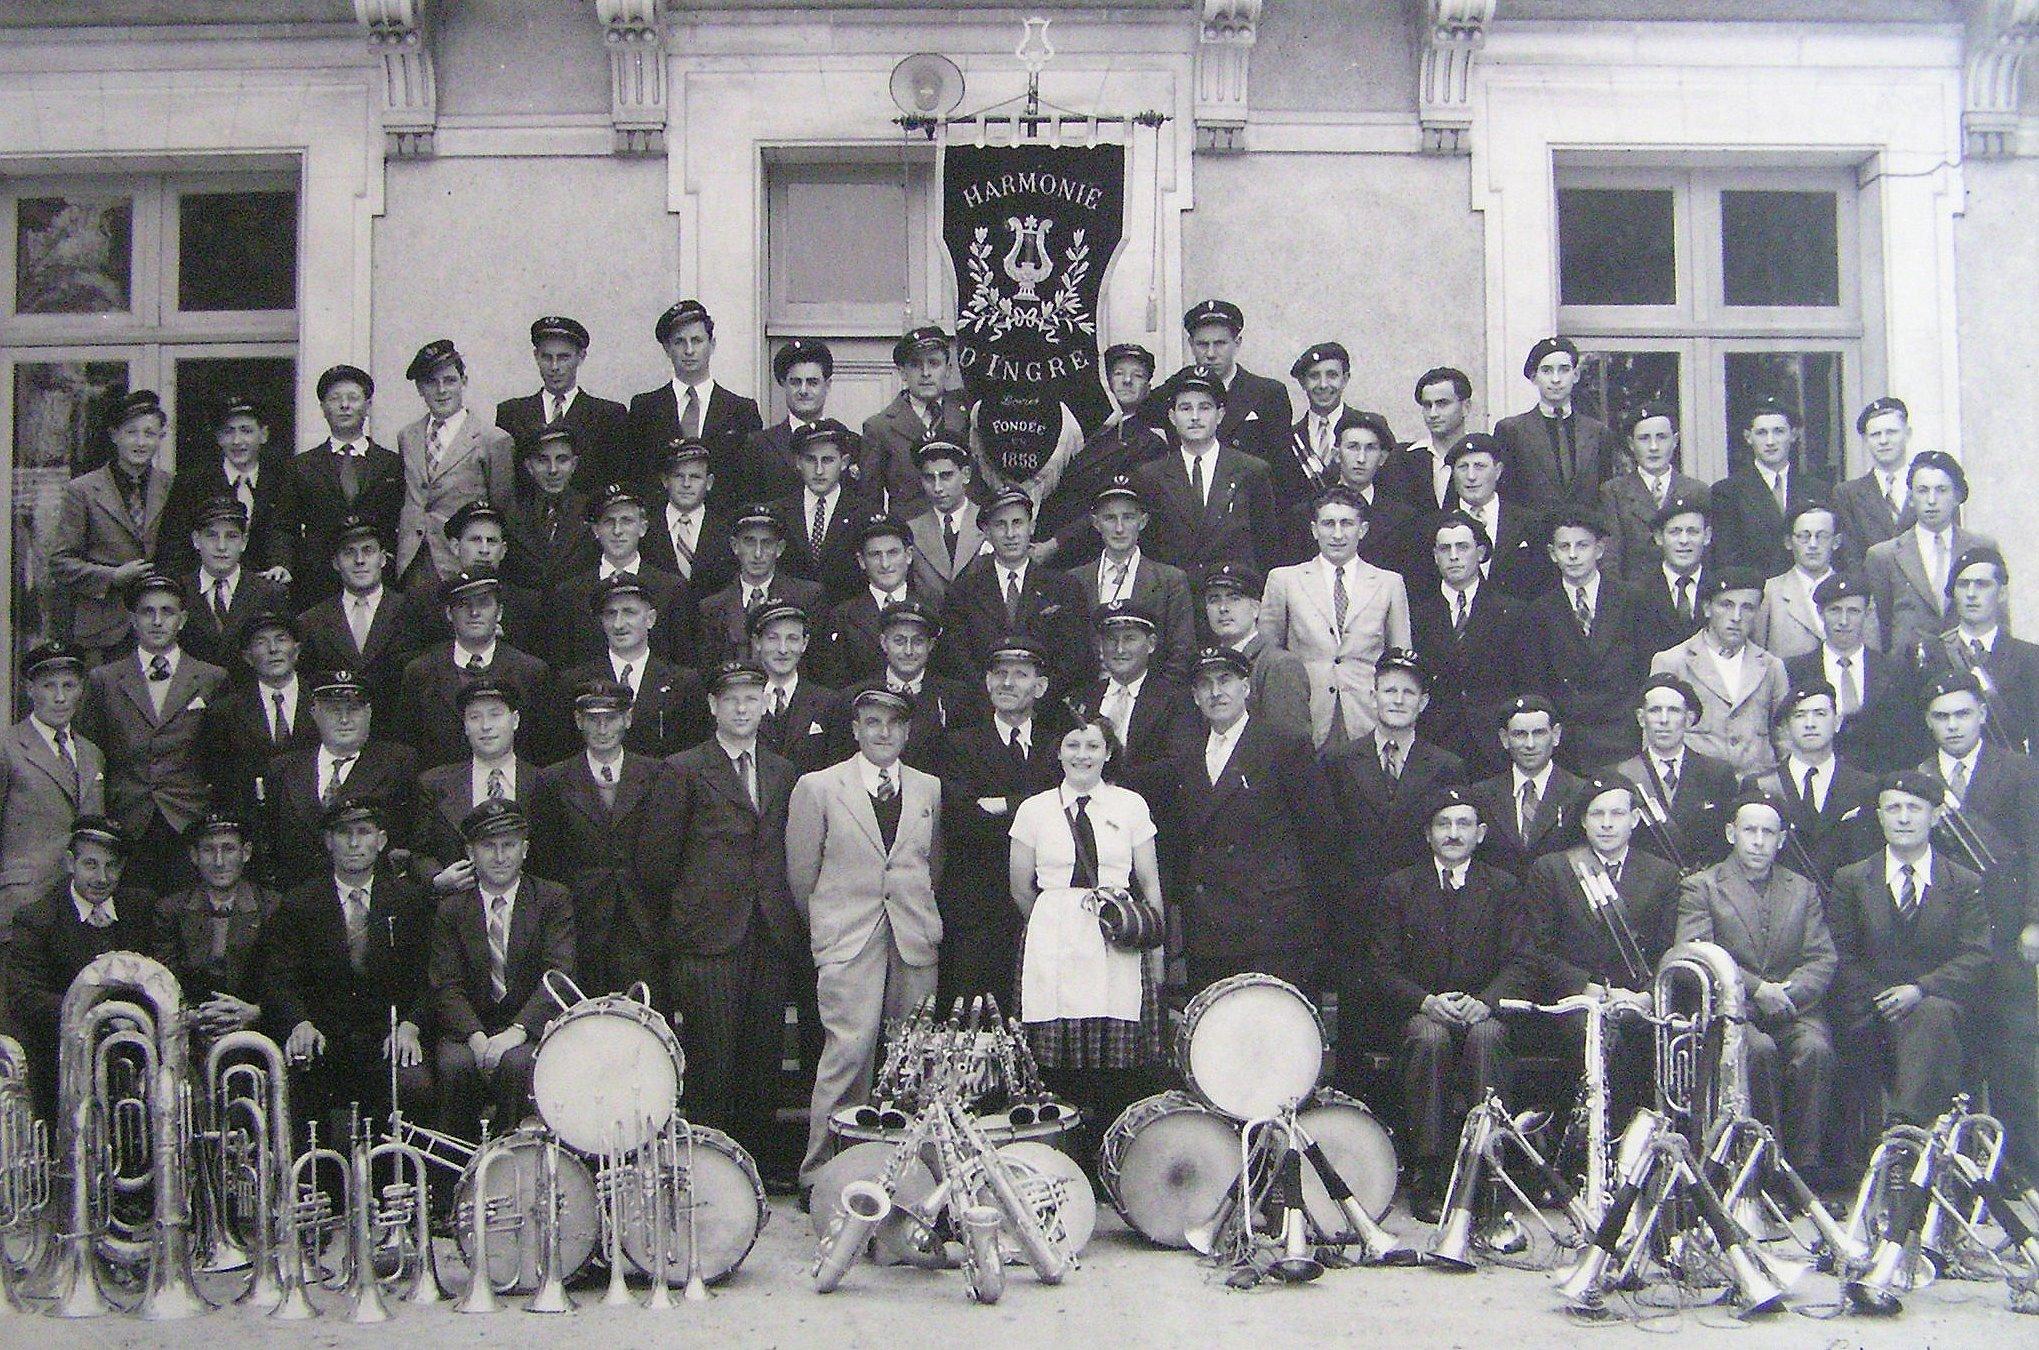 L'Harmonie en 1947